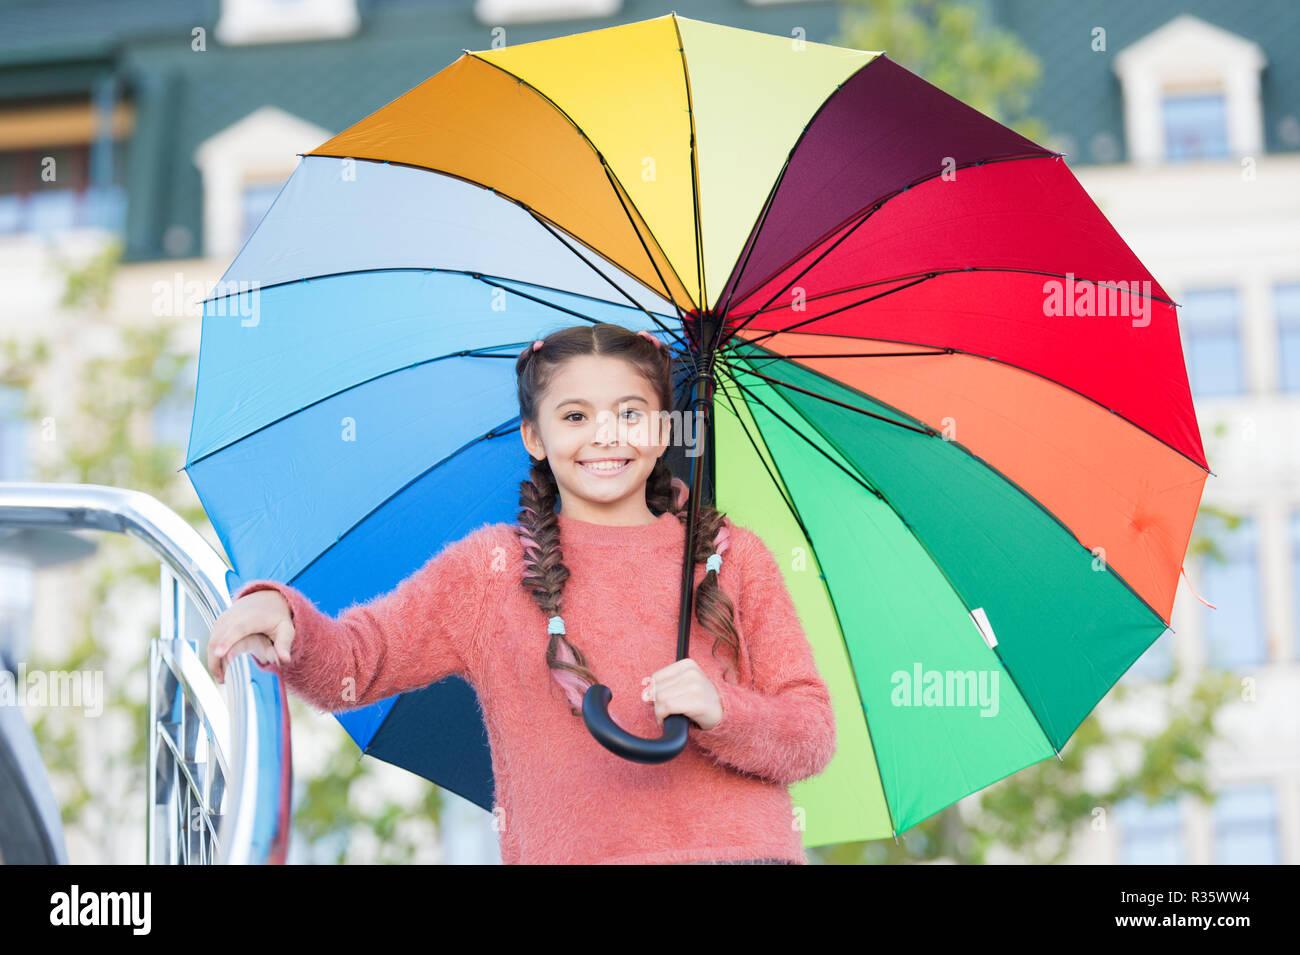 Modi illumina la tua caduta dell umore. Accessori colorati per il buon umore.  Bambini ragazza capelli lunghi pronto soddisfare autunno Meteo con ombrello. 2530dbce9fc8